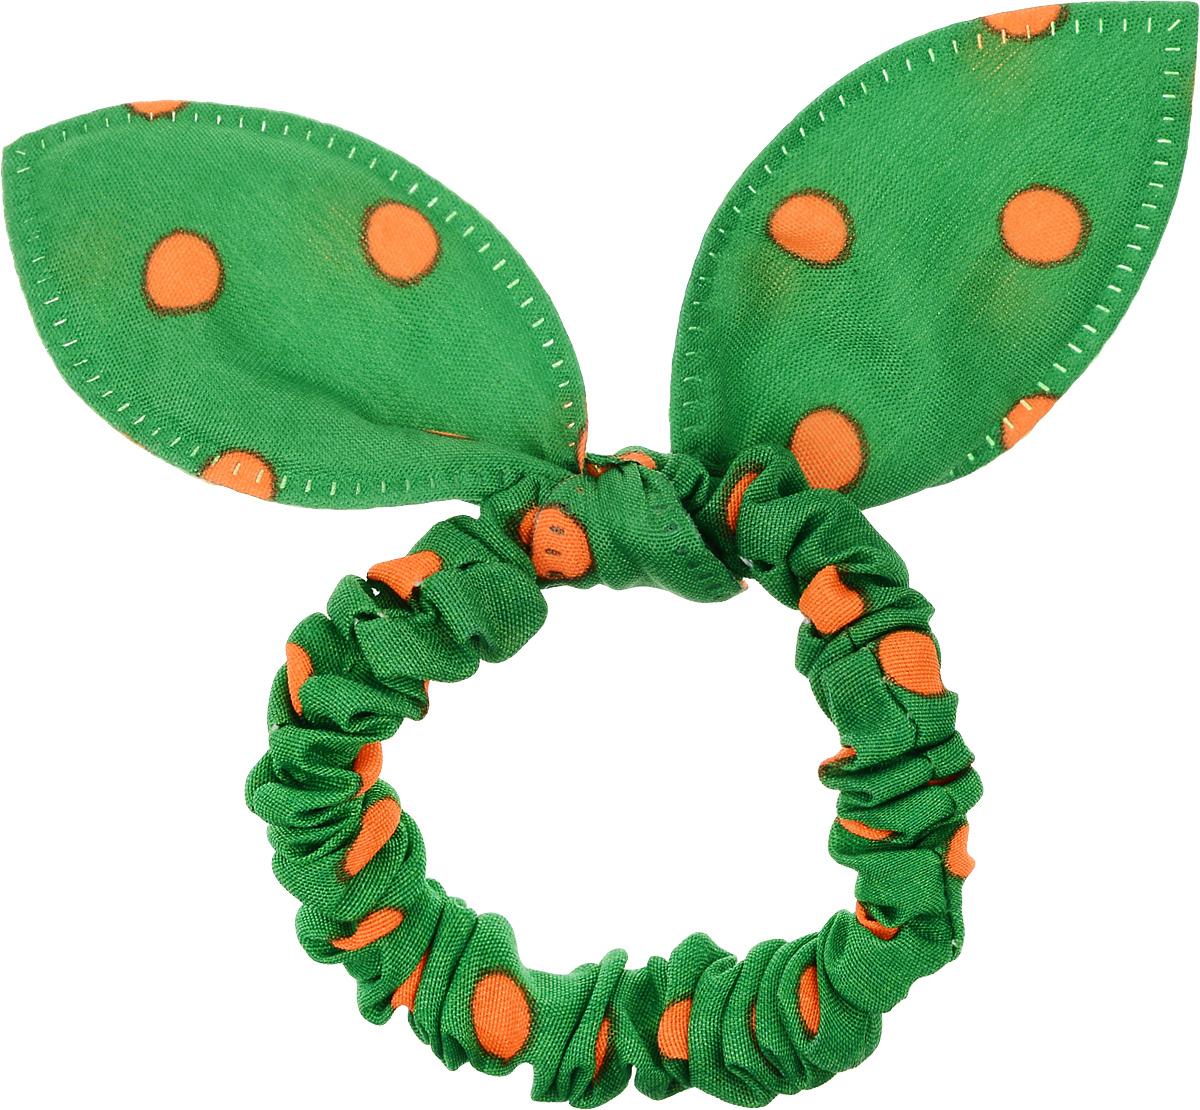 Magic Leverage Резинка для волос, цвет: зеленый, оранжевыйРГ_з_зеленый, оранжевыйСтильная резинка для волос Magic Leverage подчеркнет красоту вашей прически. Резинка выполнена из мягкого текстильного материала и оформлена стильным принтом в горох, а также дополнена оригинальным бантиком, который будет великолепно смотреться в ваших волосах.С помощью такой резинки вы сможете создать множество оригинальных причесок. Яркость и удобство резинки для волос делают ее практичным и модным аксессуаром.